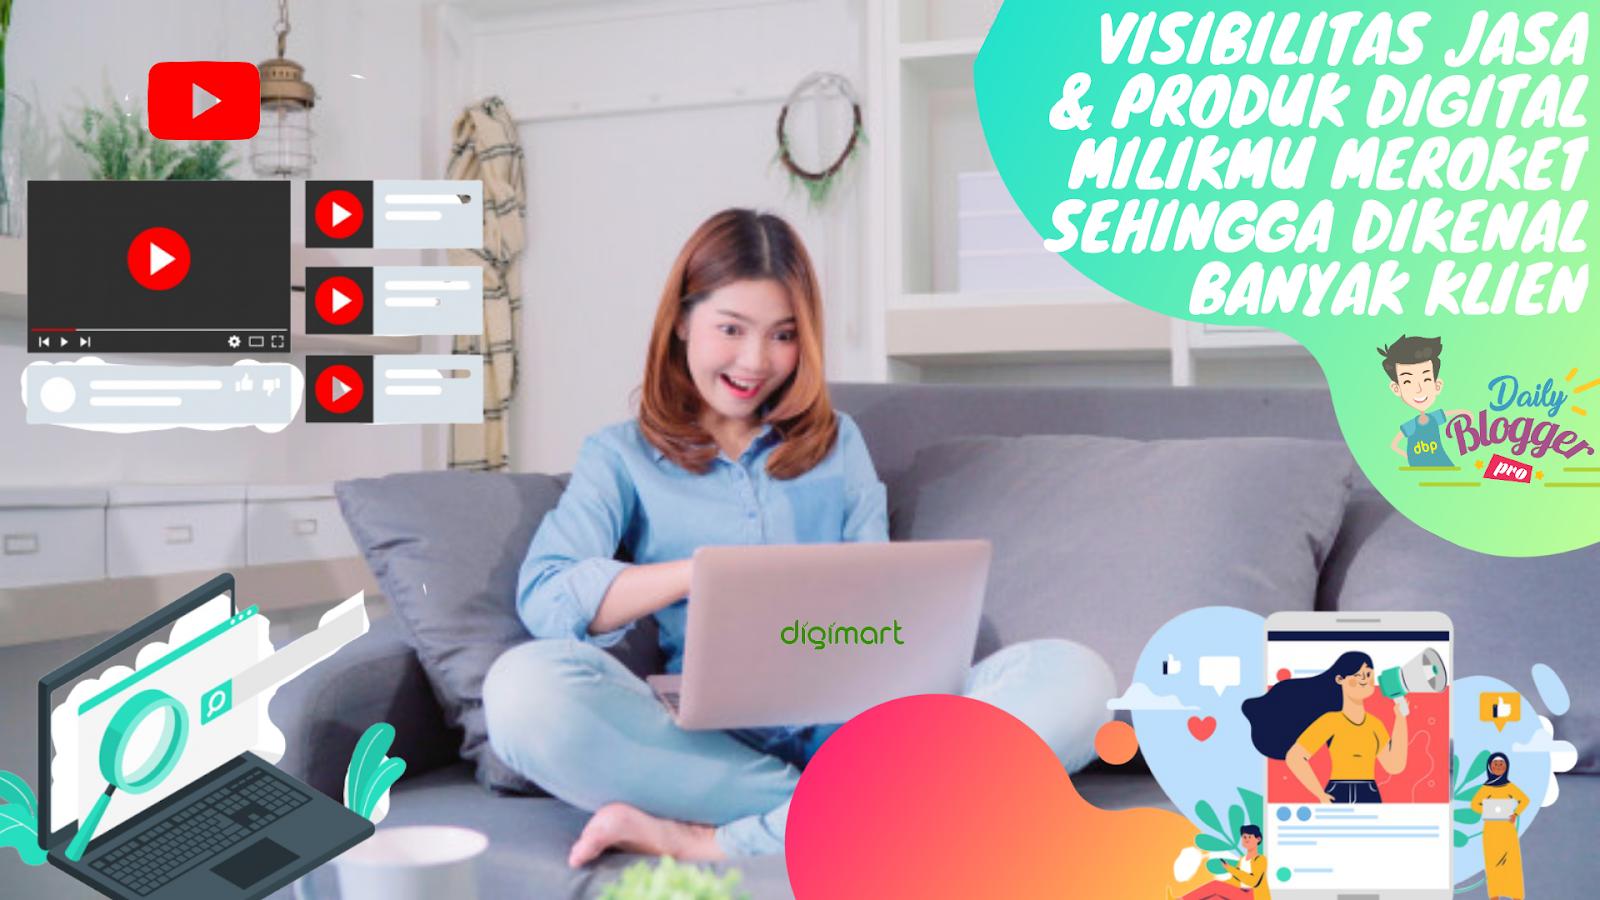 Visibilitas Jasa & Produk Digital Milikmu Meroket Sehingga Dikenal Banyak Klien